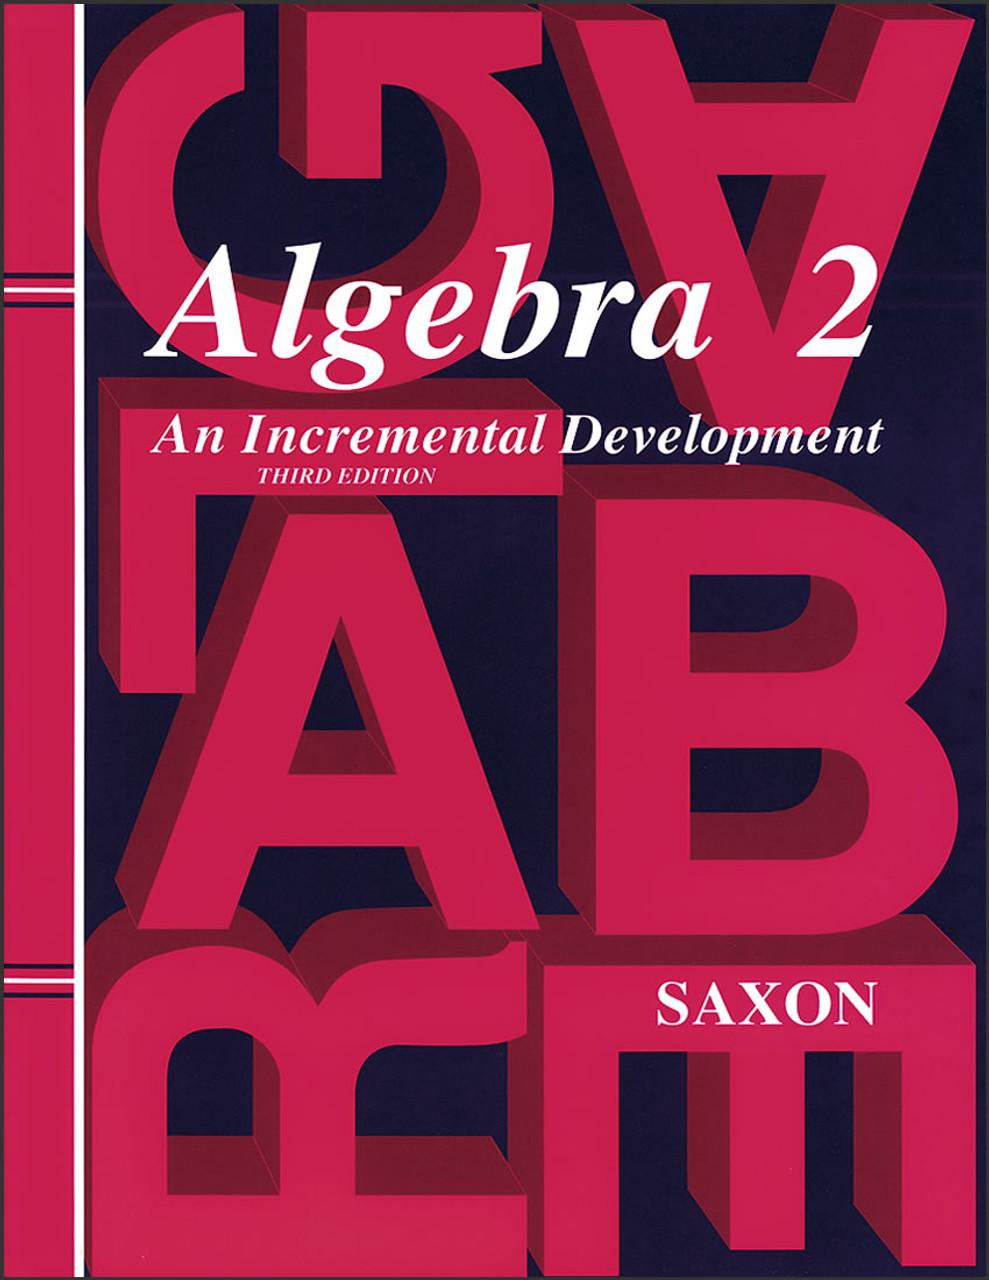 Saxon Algebra 2, 3rd edition